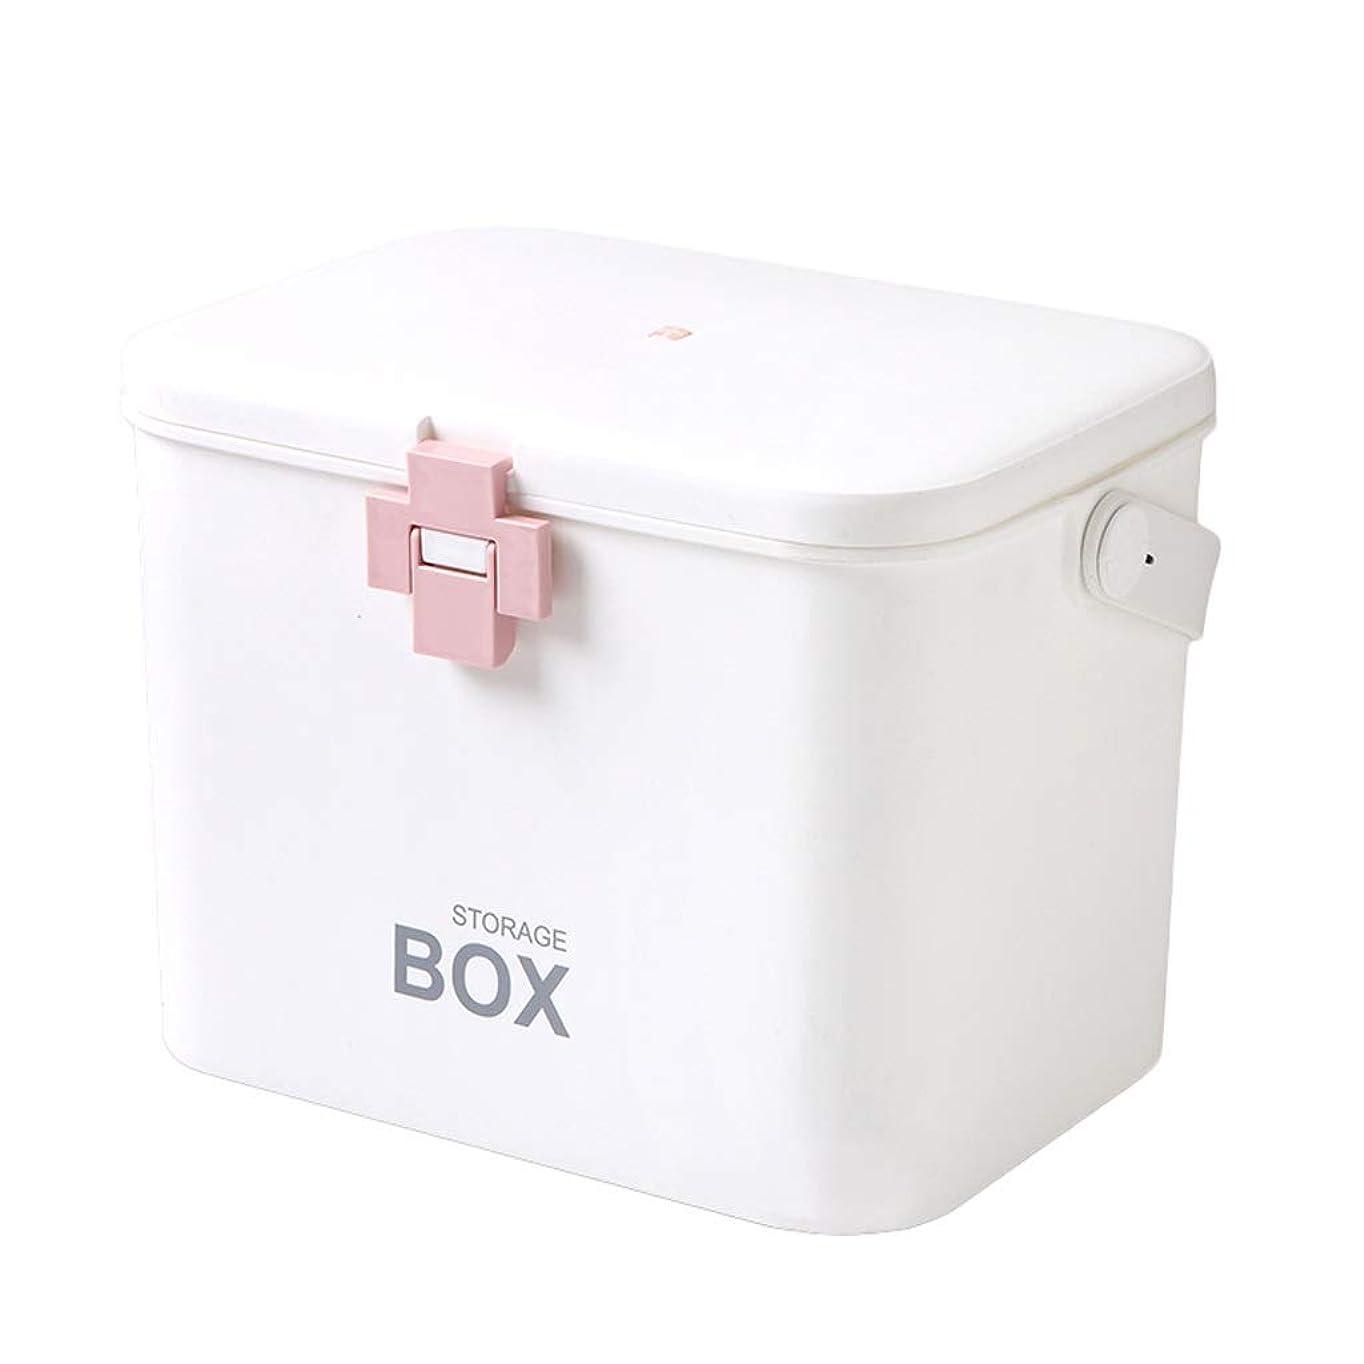 重要な犯す同じ応急処置薬箱家庭用薬品収納ボックス子供大型ポータブル医療緊急医療キット31 * 20 * 22 cm ZHAOSHUNLI (Color : Pink)